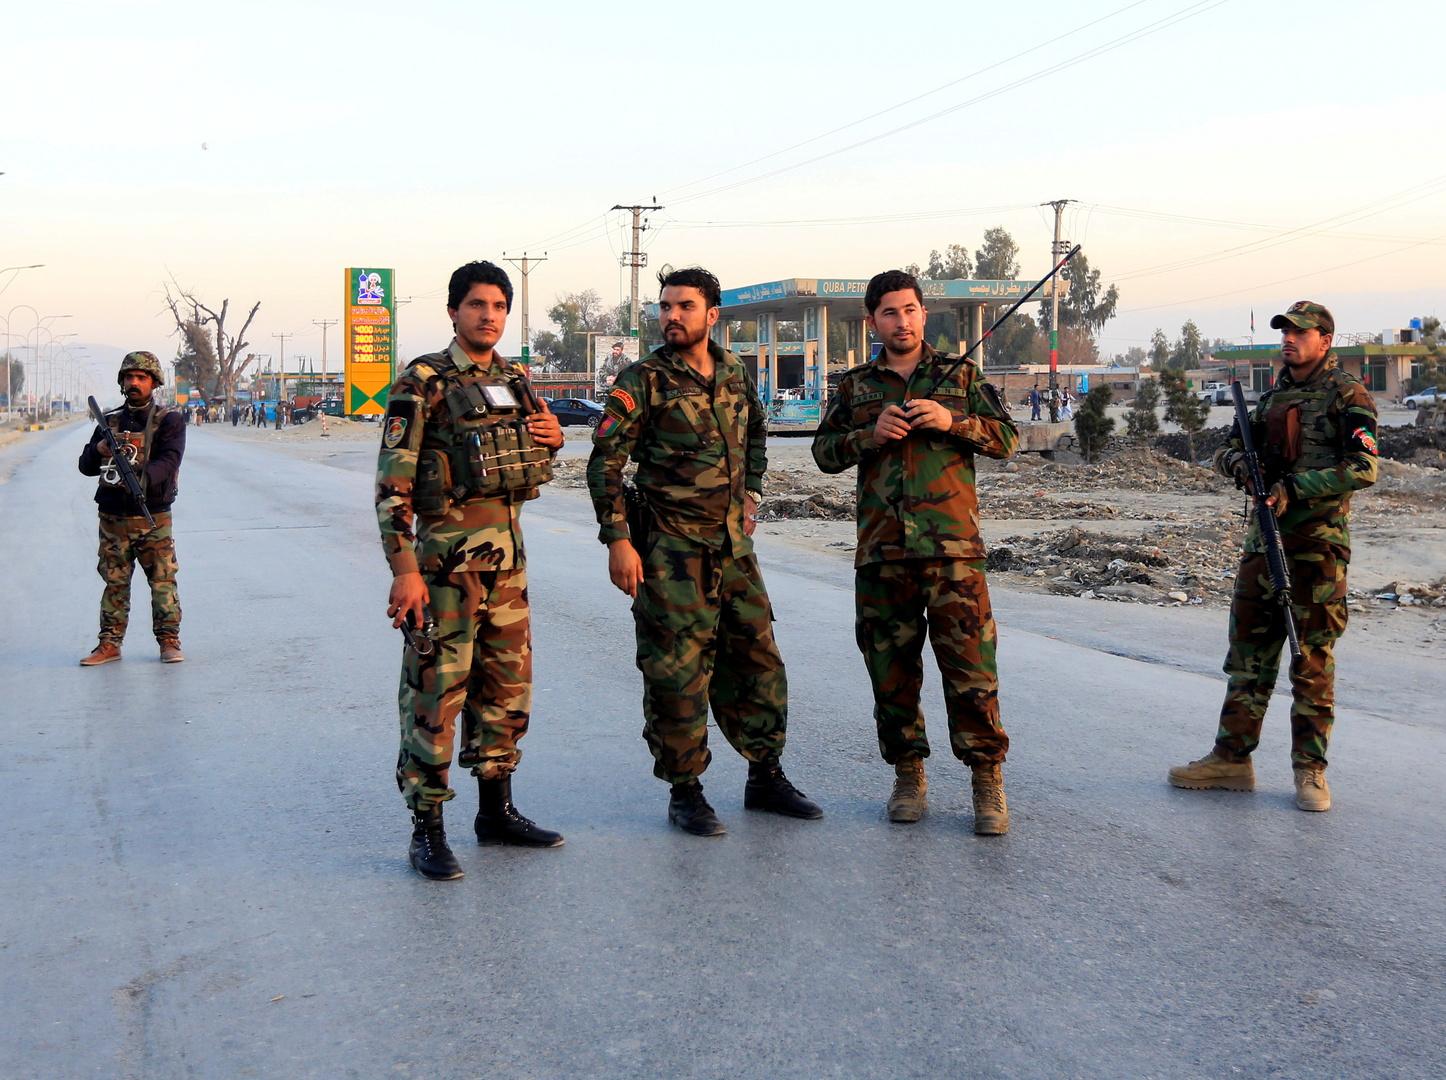 مقتل 4 جنود نظاميين أفغان و5 مسلحين في معركة بإقليم تخار